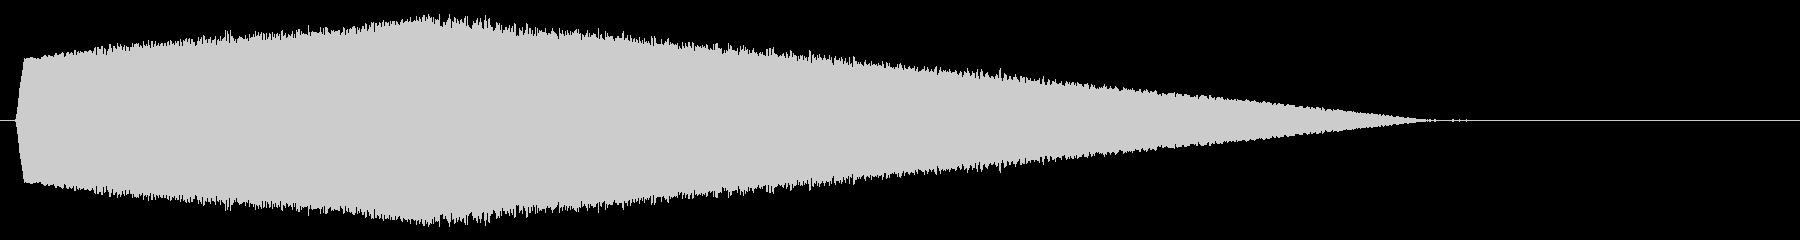 おばけが浮かぶようなコミカルな効果音_2の未再生の波形